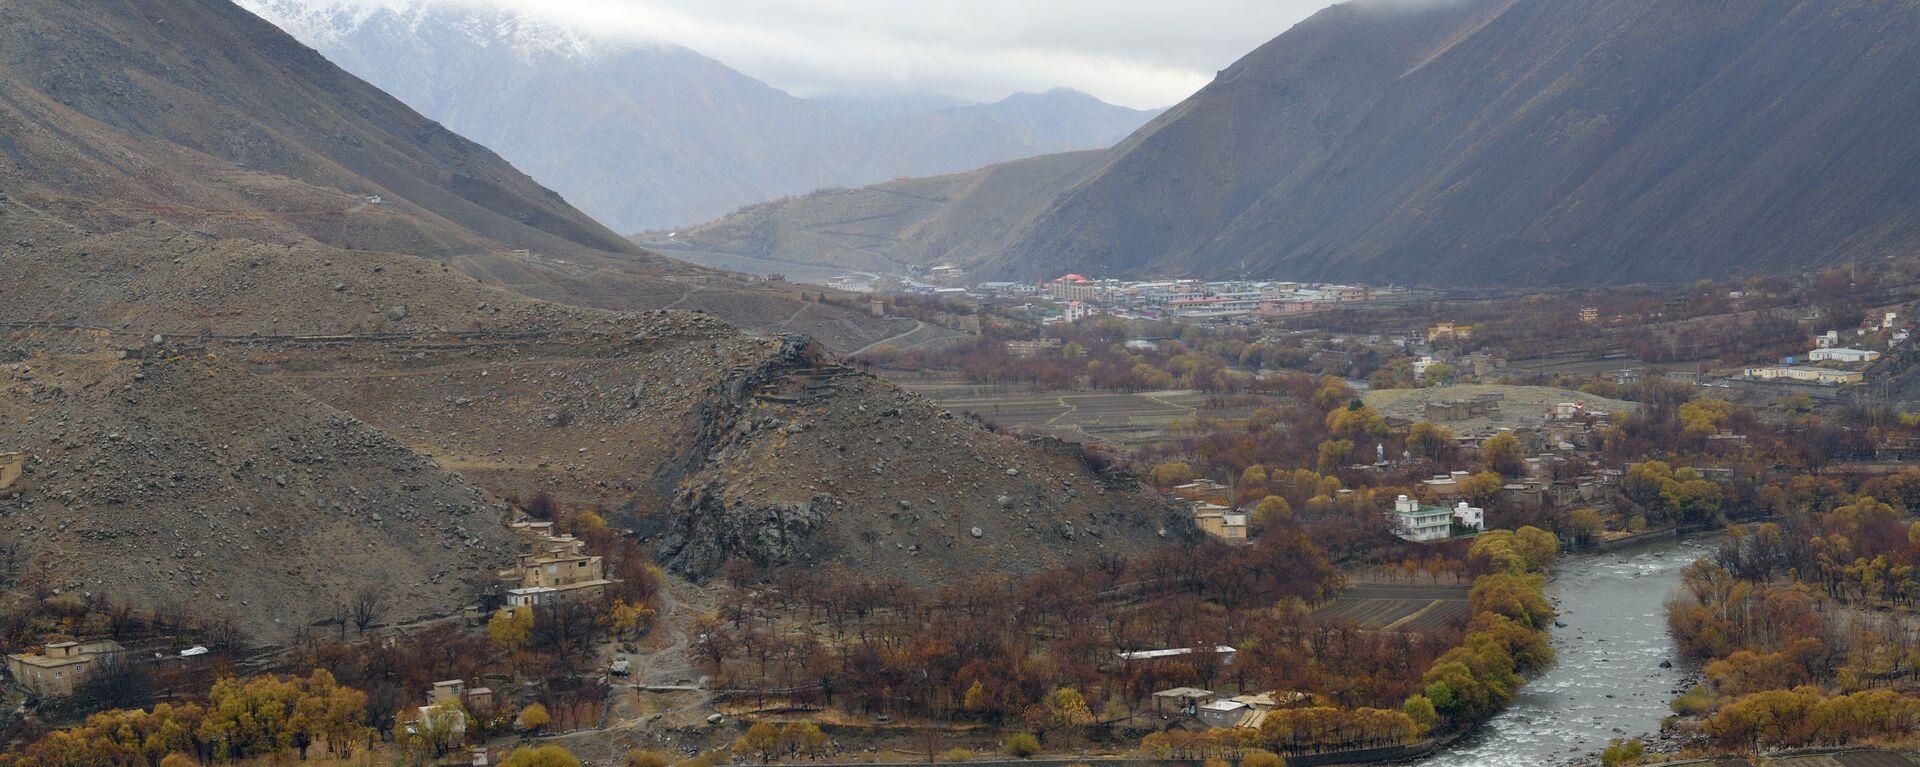 Панджшерское ущелье - Sputnik Таджикистан, 1920, 06.09.2021